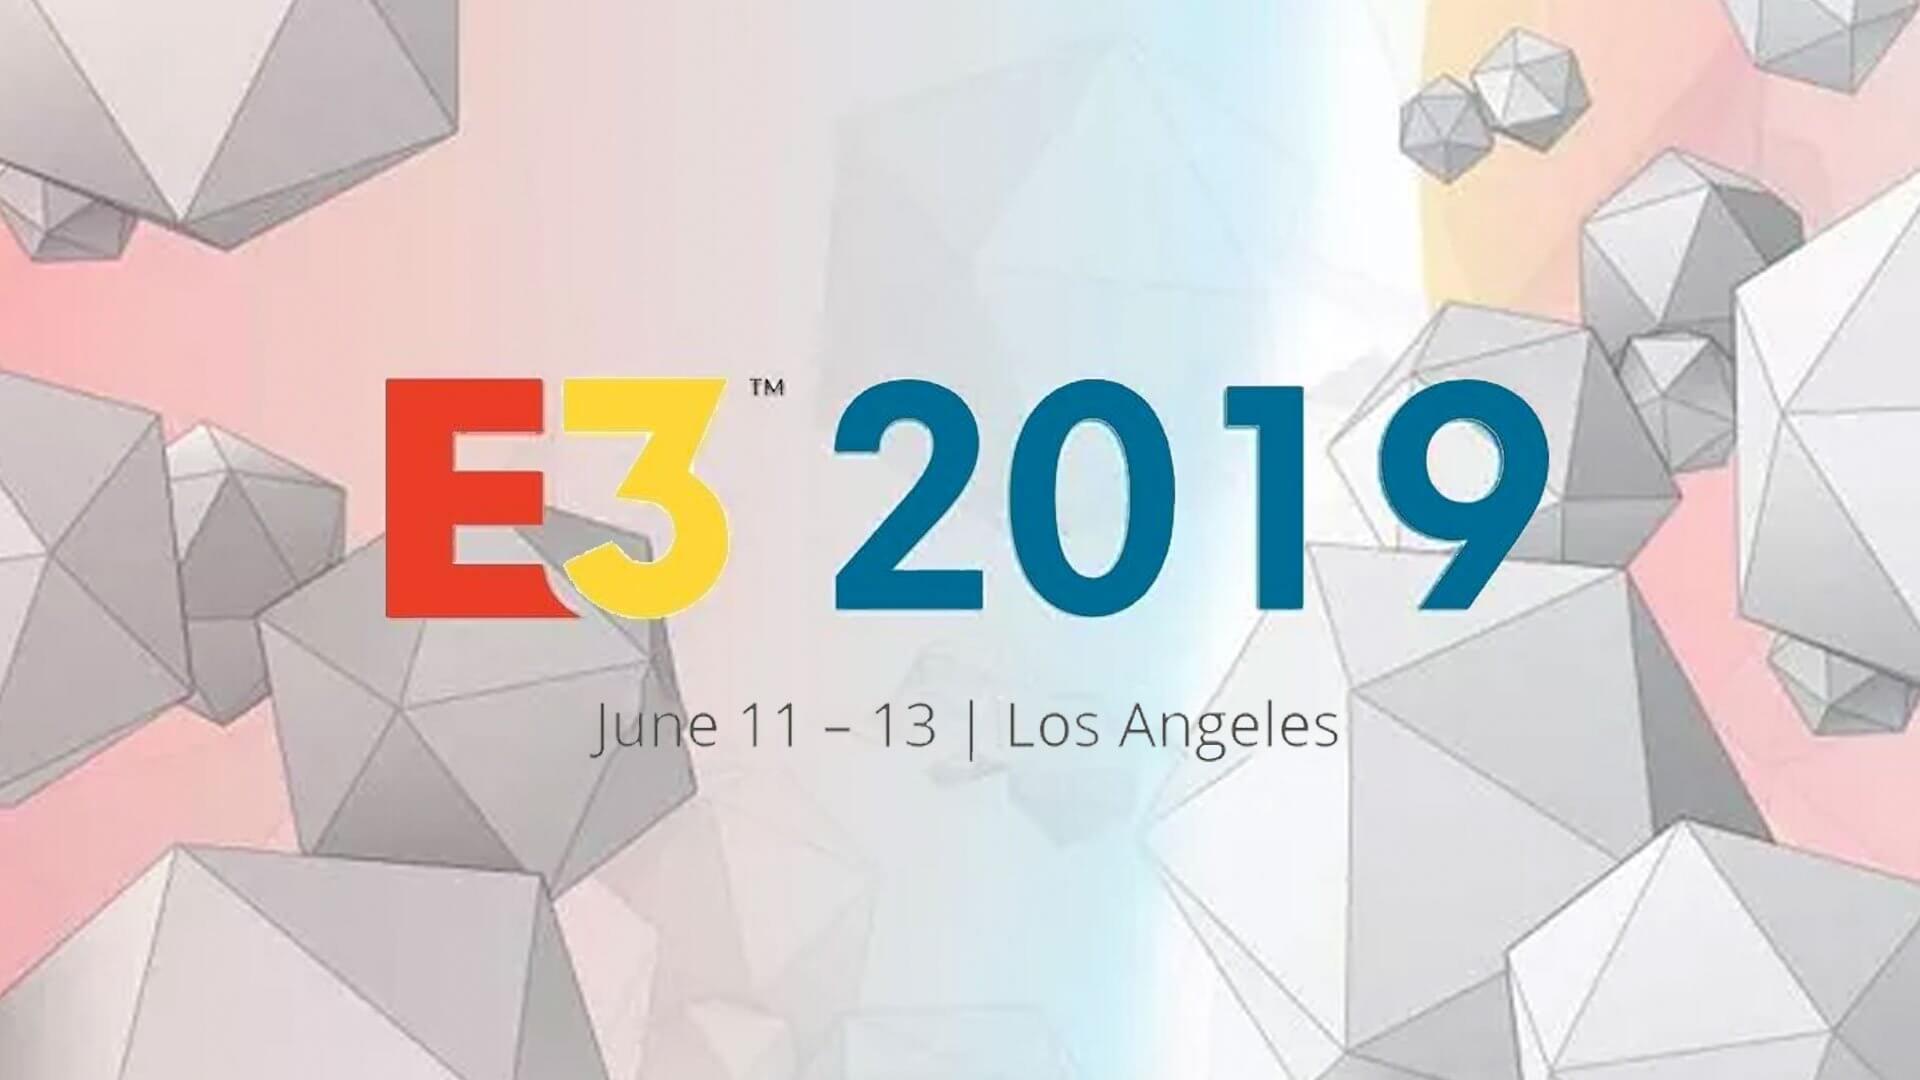 E3 2019 schedule press conference